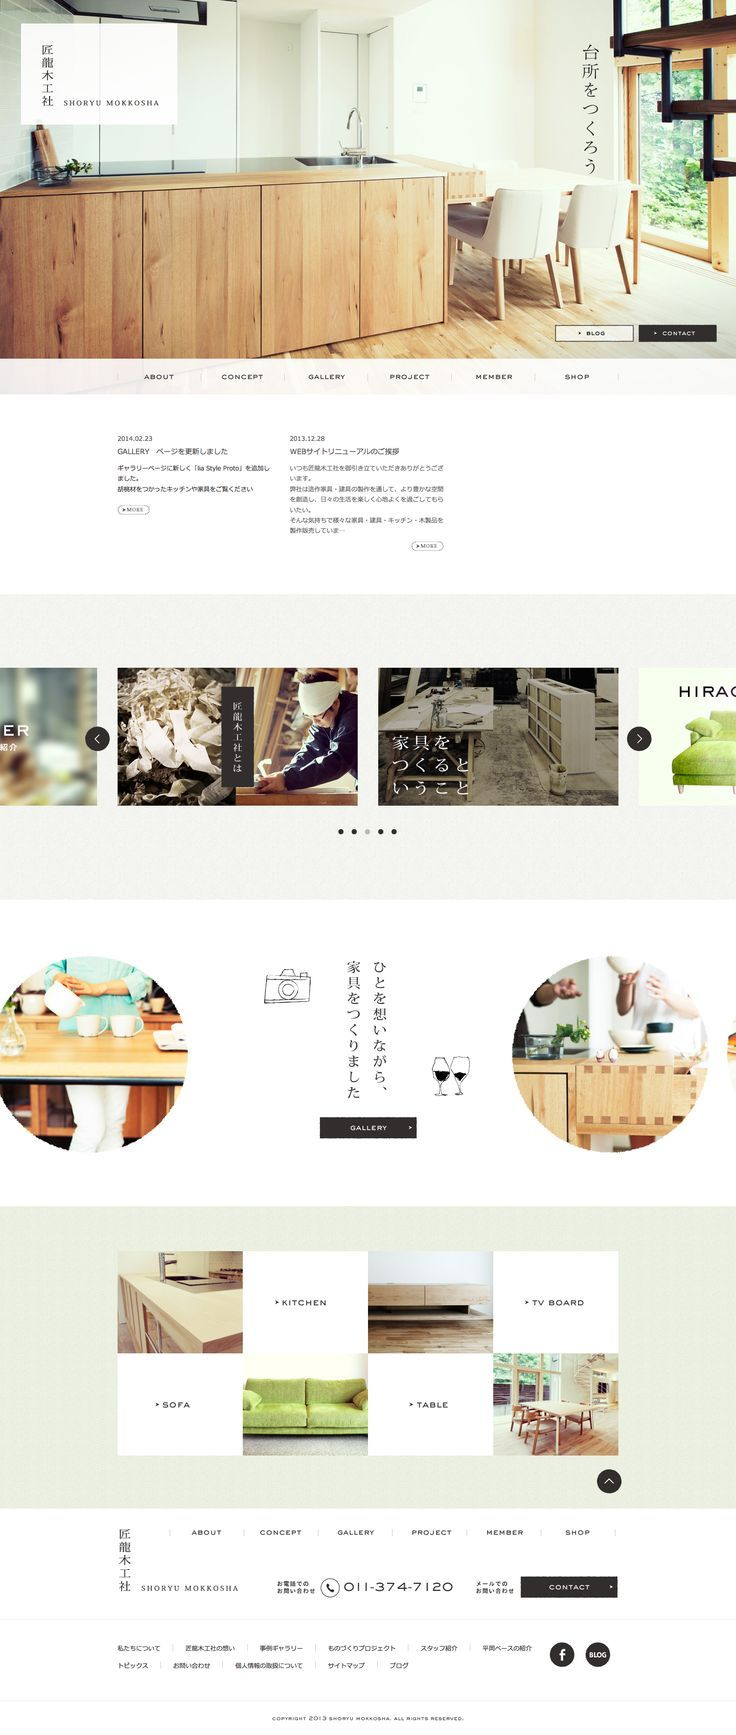 Modern furniture website design collection free consultation get similar web design